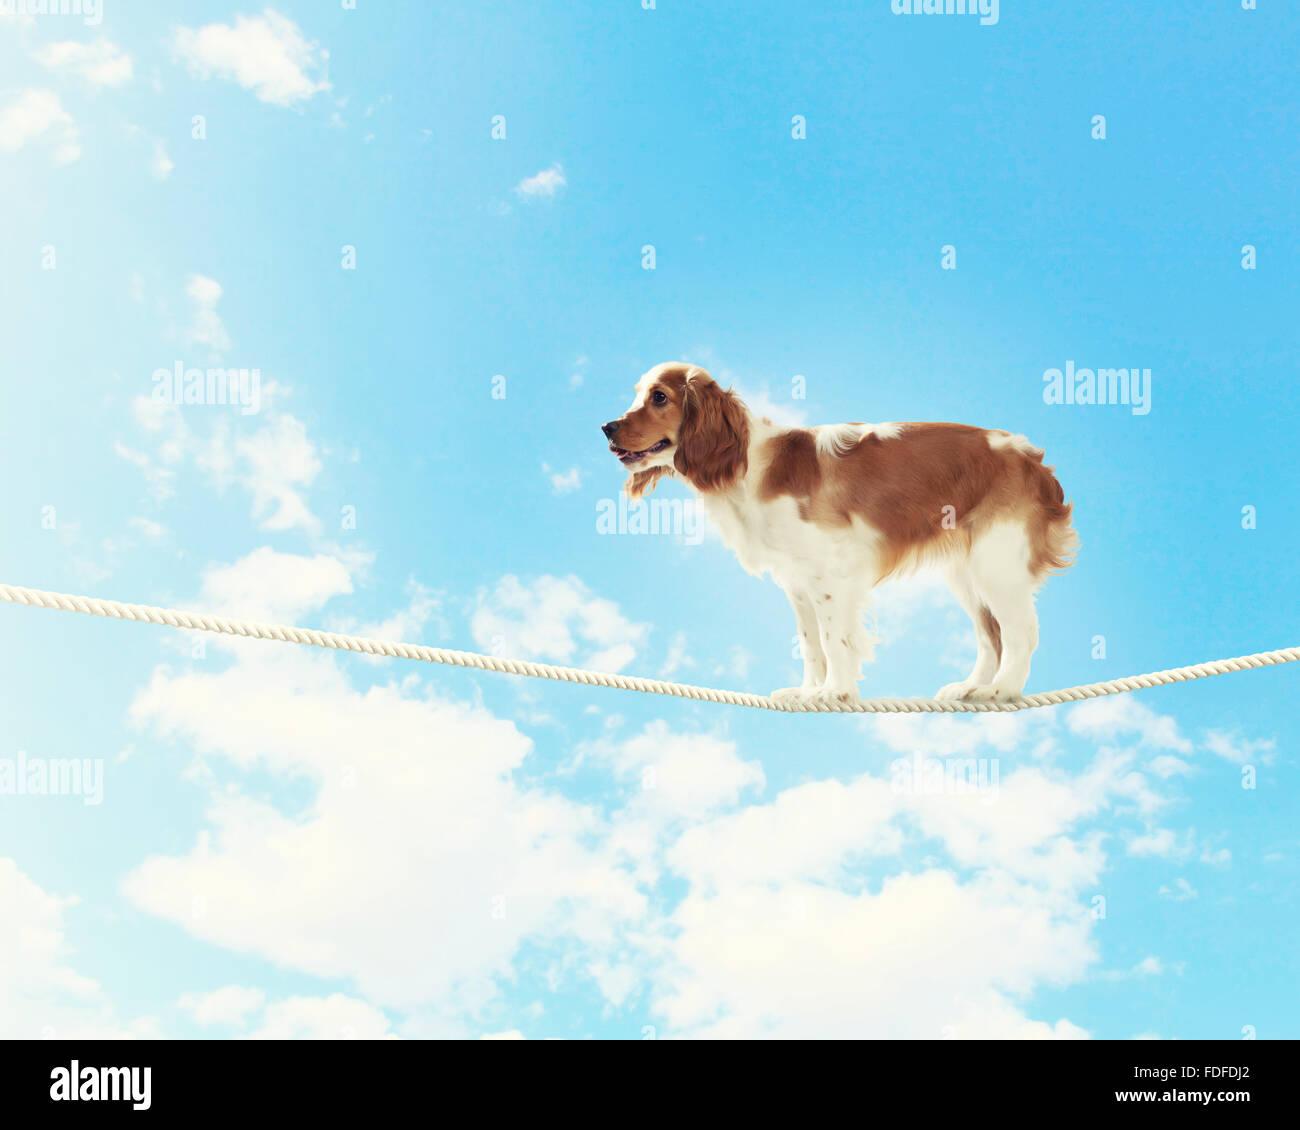 Immagine del cane spaniel bilanciamento sulla fune Immagini Stock